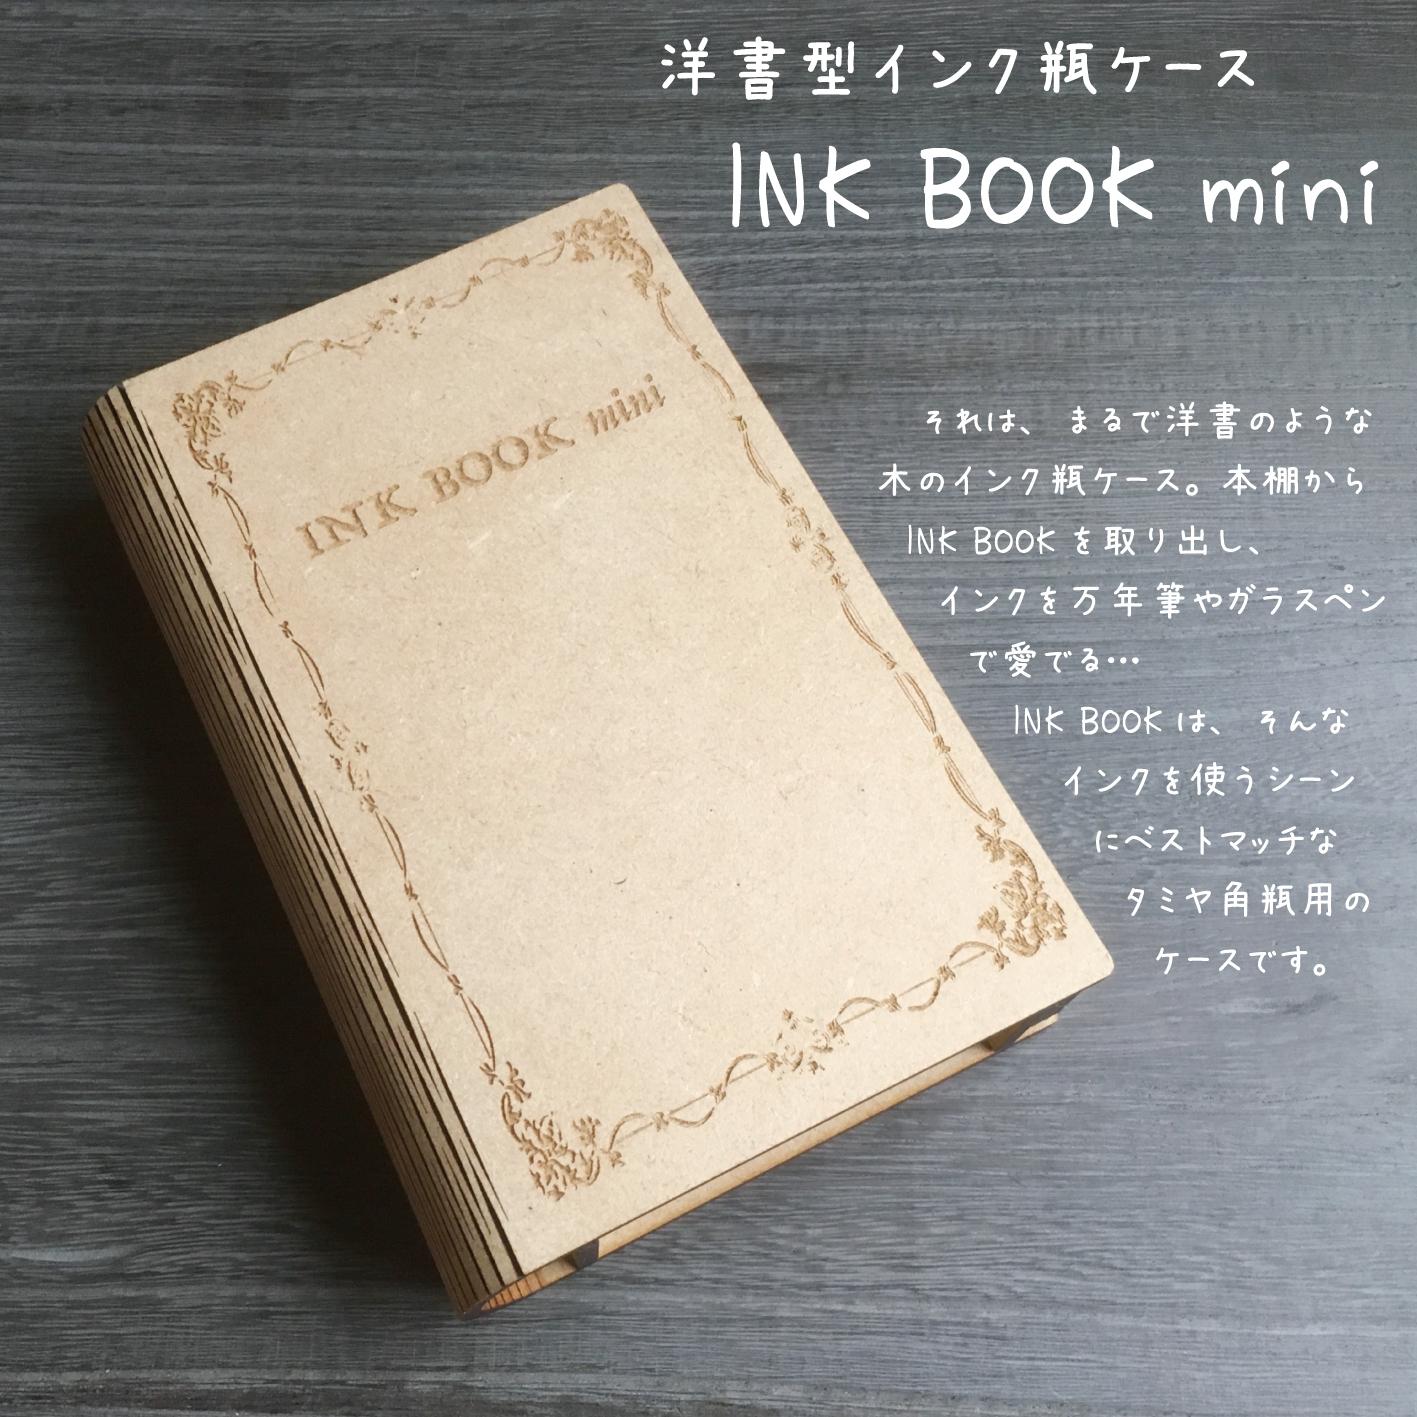 【7/12開催!】INK BOOK mini オンライン組み立て講座